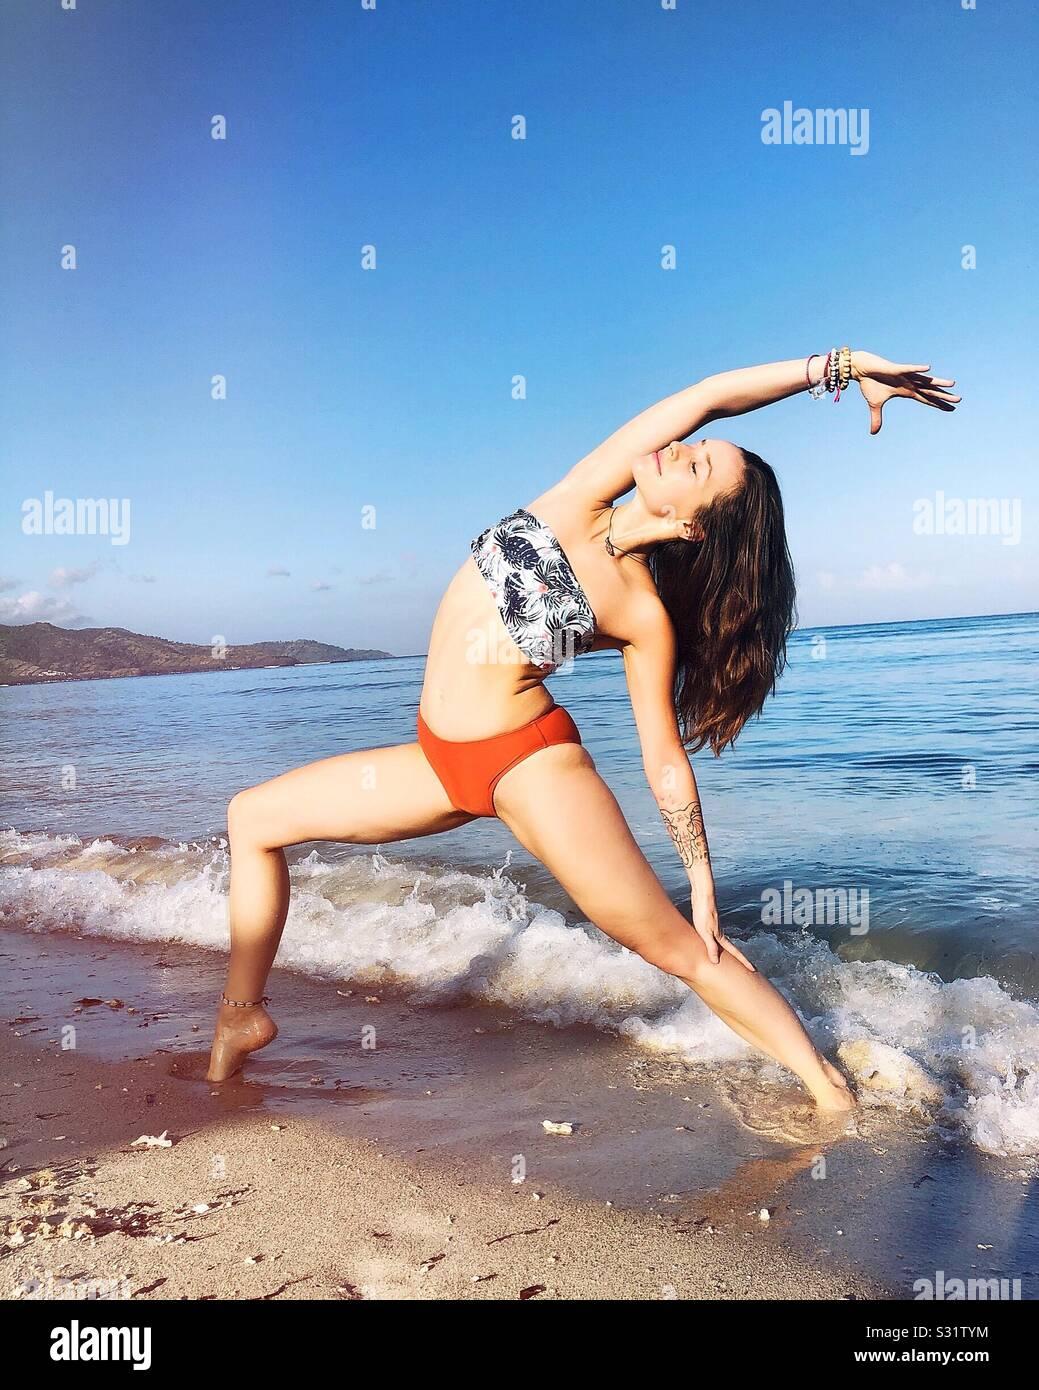 Yoga en la playa. Playa de Bali. Zen y mañana perfecta. Foto de stock